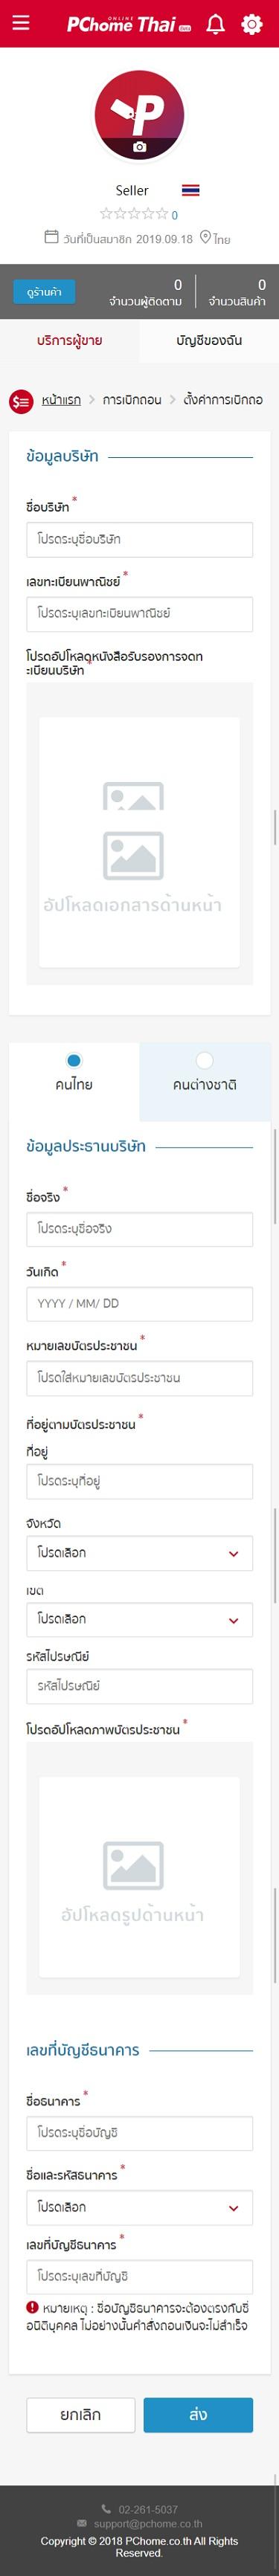 STEP 06-1. ใส่ข้อมูลร้านค้าและอัปโหลดหนังสือรับรองบริษัท (อายุไม่เกิน 6 เดือน) ทั้งนี้หากผู้มีอำนาจลงนามถือสัญชาติไทย คุณต้องอัปโหลดภาพถ่าย/สำเนาบัตรประจำตัวประชาชนของผู้มีอำนาจลงนามด้วย โปรดตรวจสอบให้มั่นใจอีกครั้งว่าชื่อบัญชีธนาคารตรงกับนิติบุคคลที่ปรากฏบนหนังสือรับรองบริษัท หากไม่เช่นนั้นคำสั่งถอนเงินอาจล้มเหลว